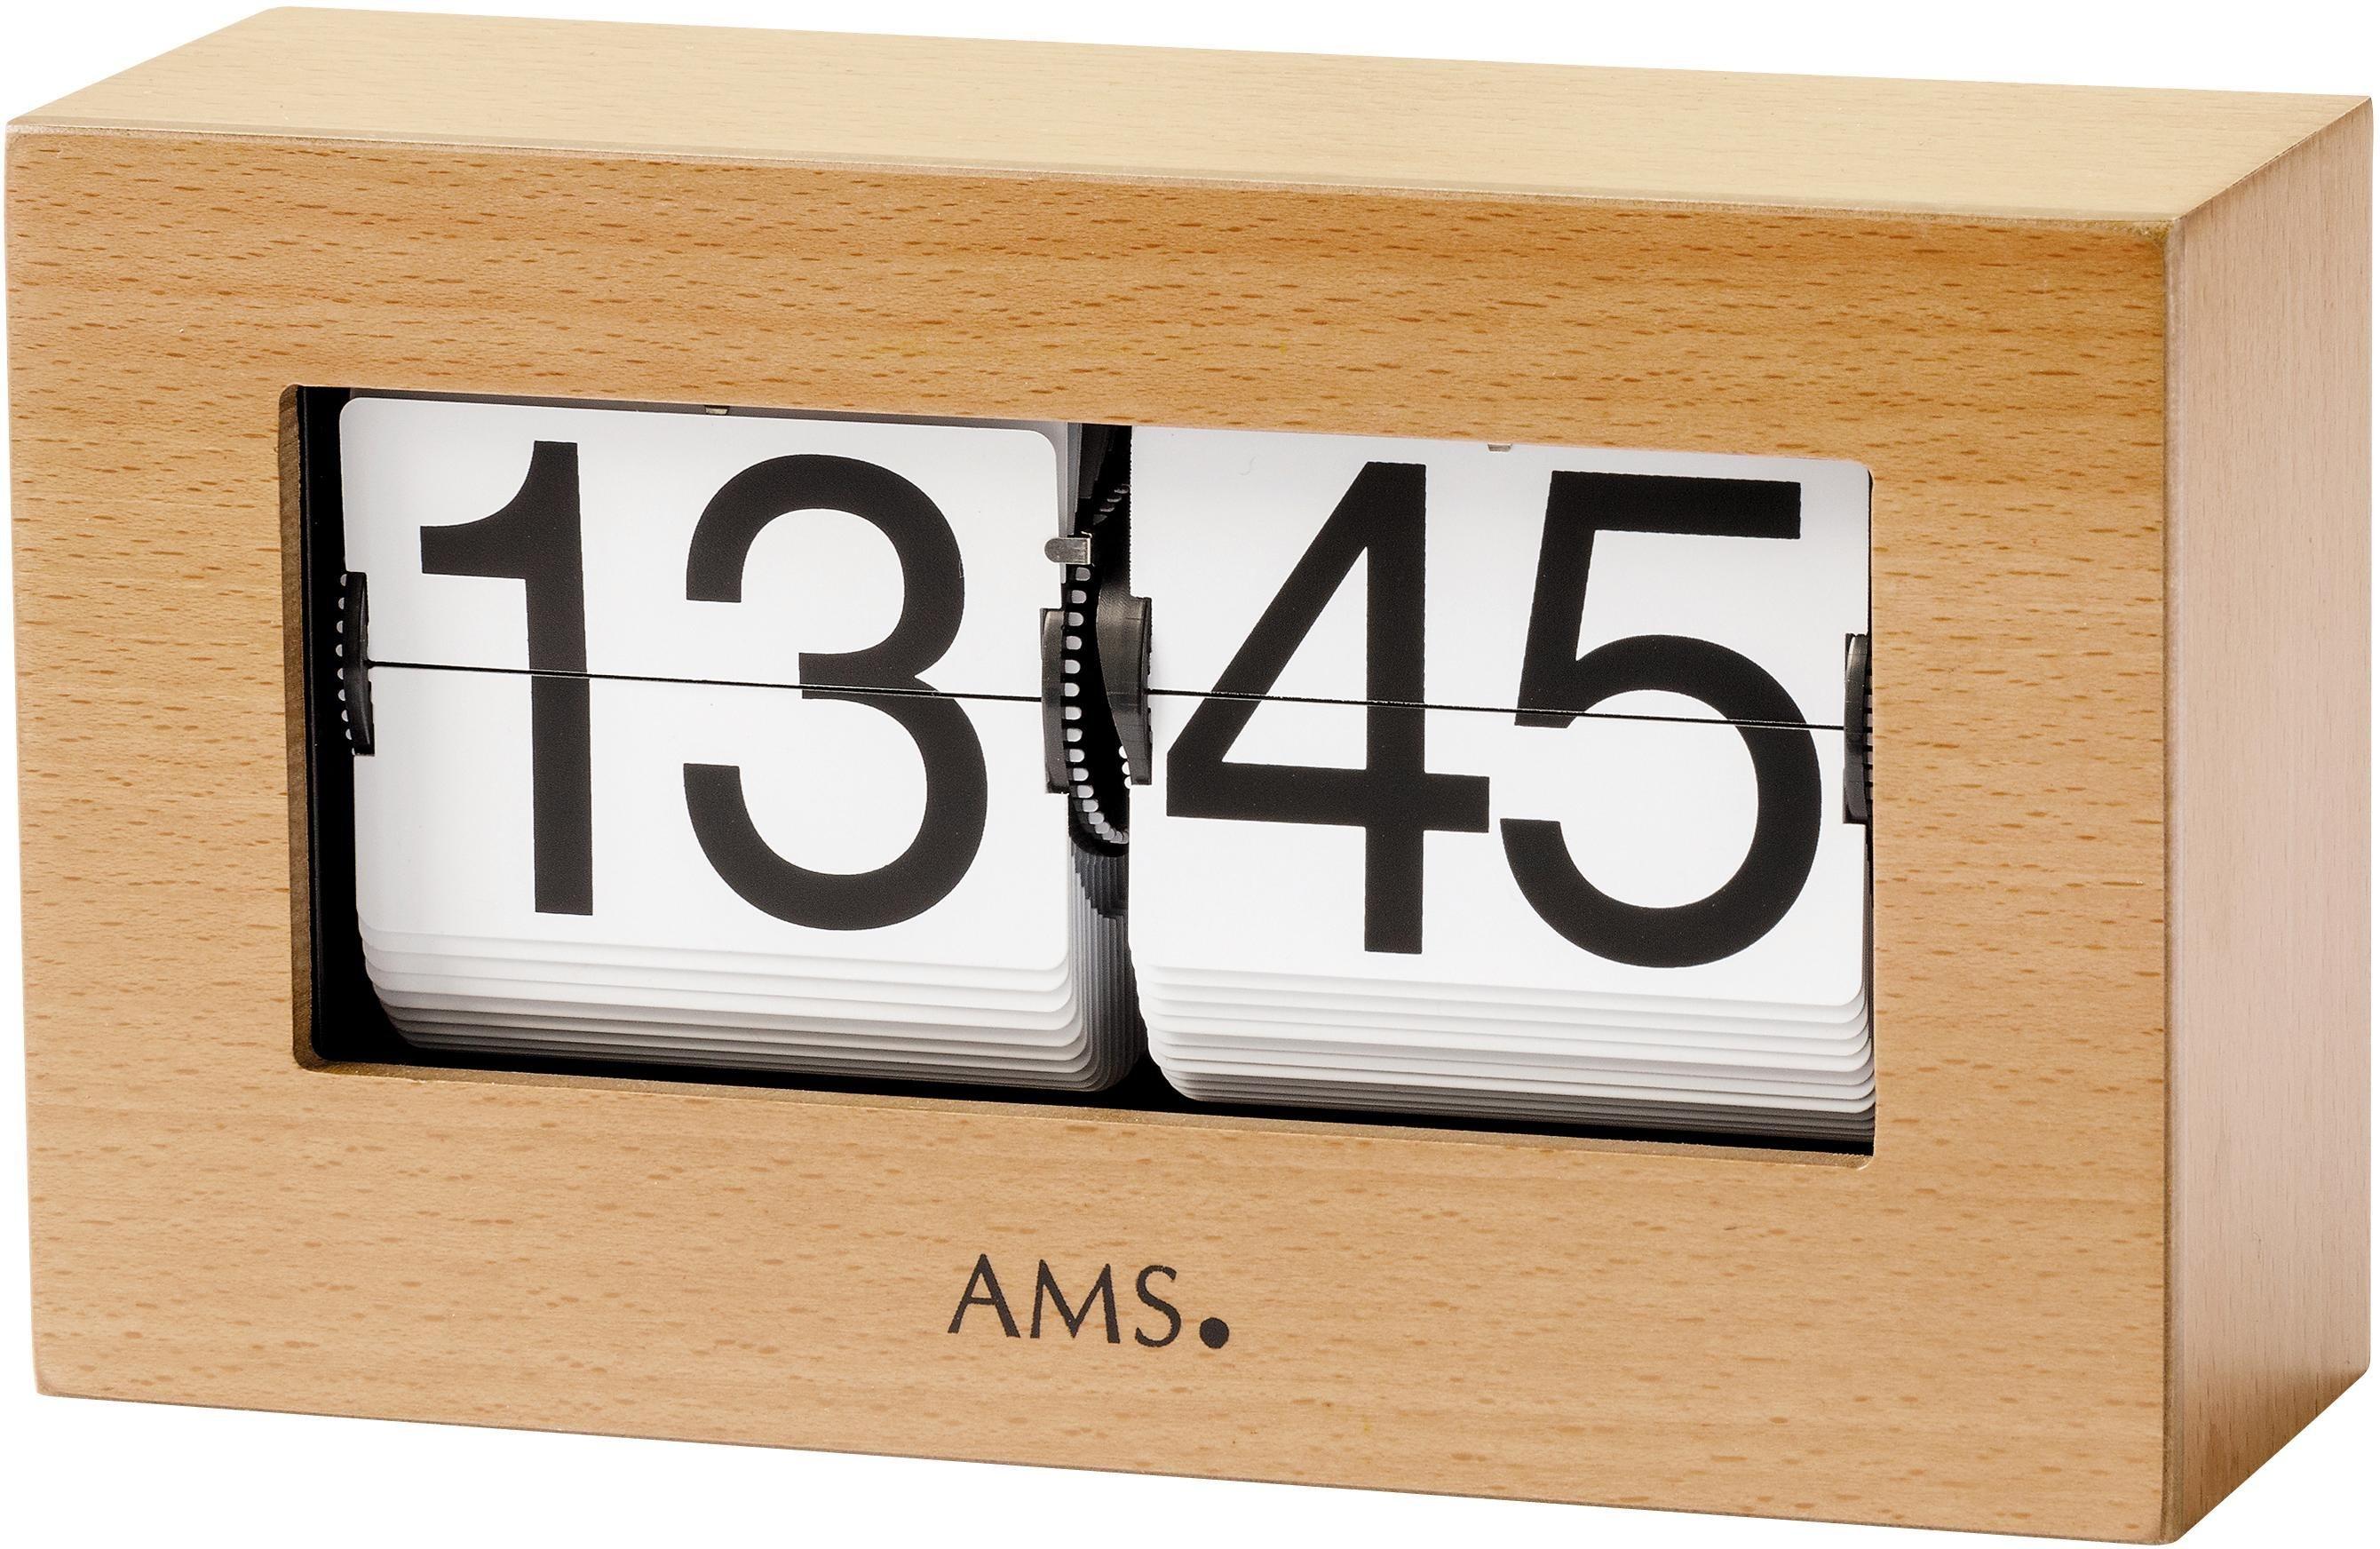 AMS Tischuhr »T1175/18« | Dekoration > Uhren > Standuhren | AMS